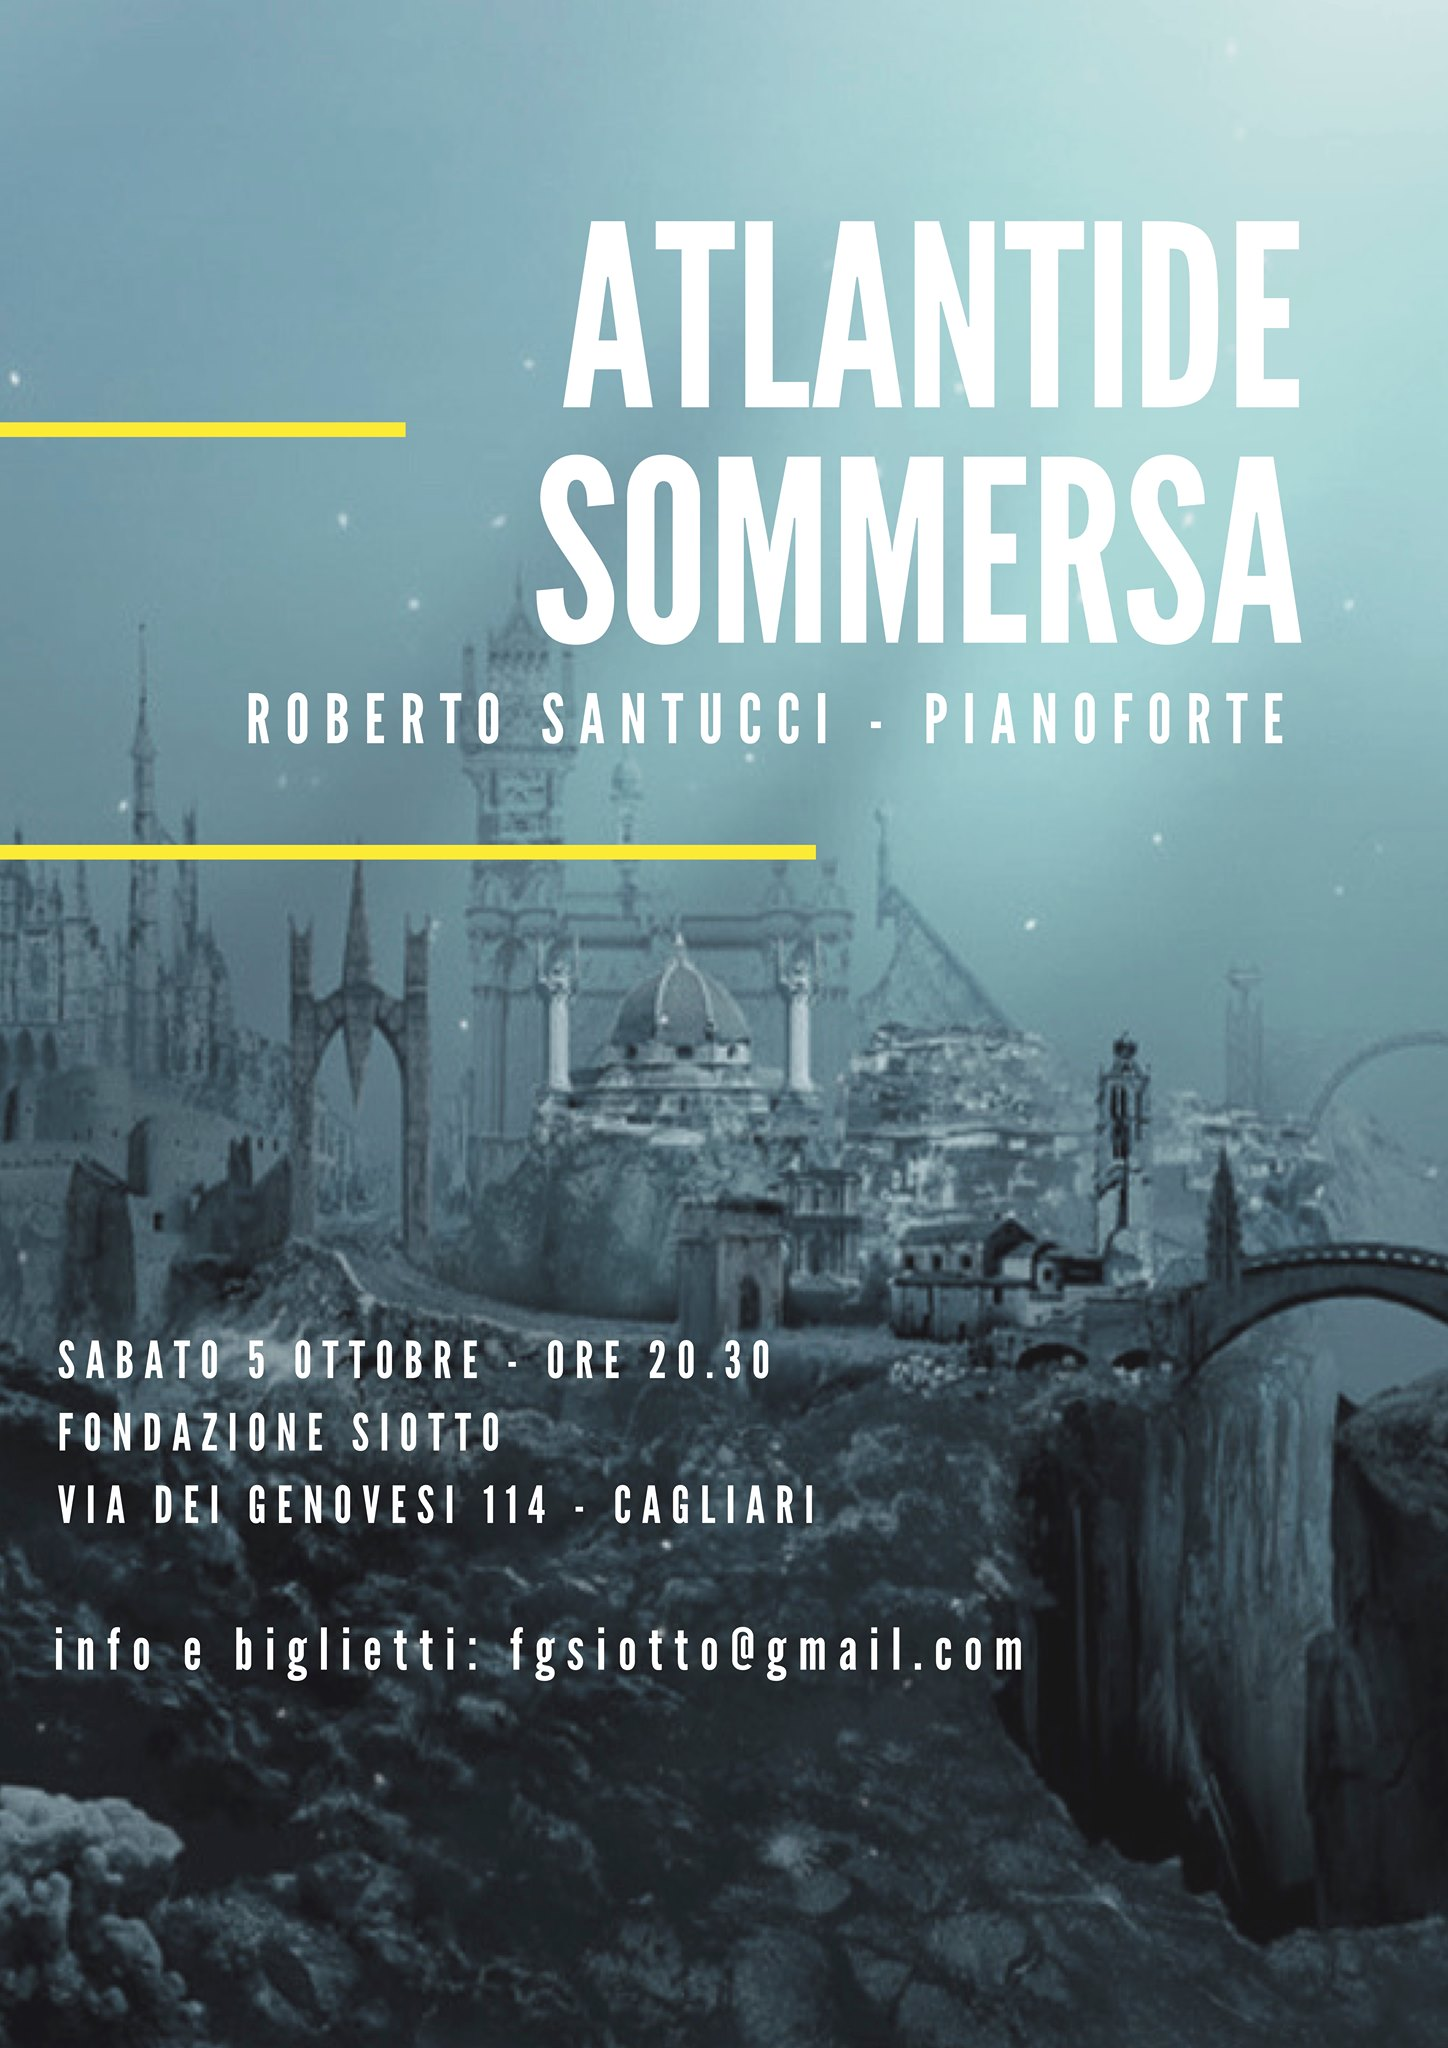 Atlantide Sommersa, concerto di Roberto Santucci